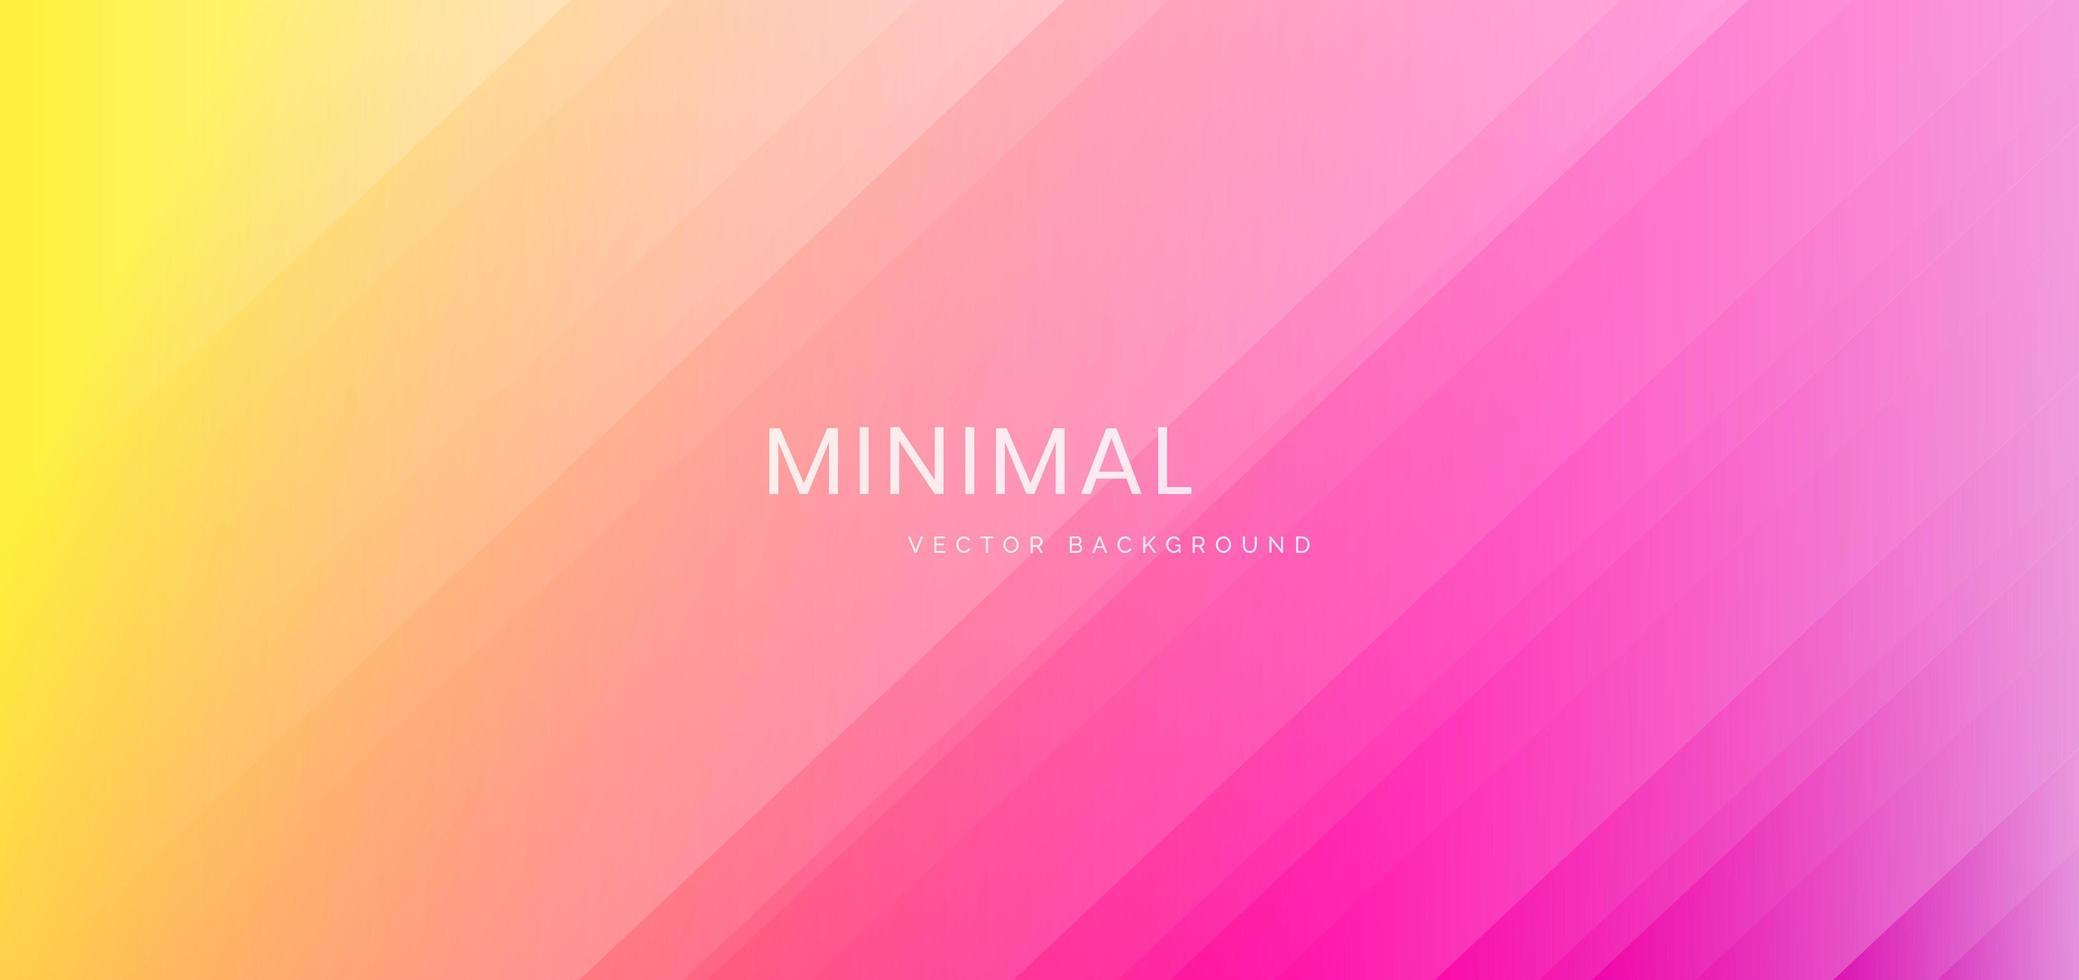 gelber, rosa Farbverlaufshintergrund mit gestreiften diagonalen Linien vektor